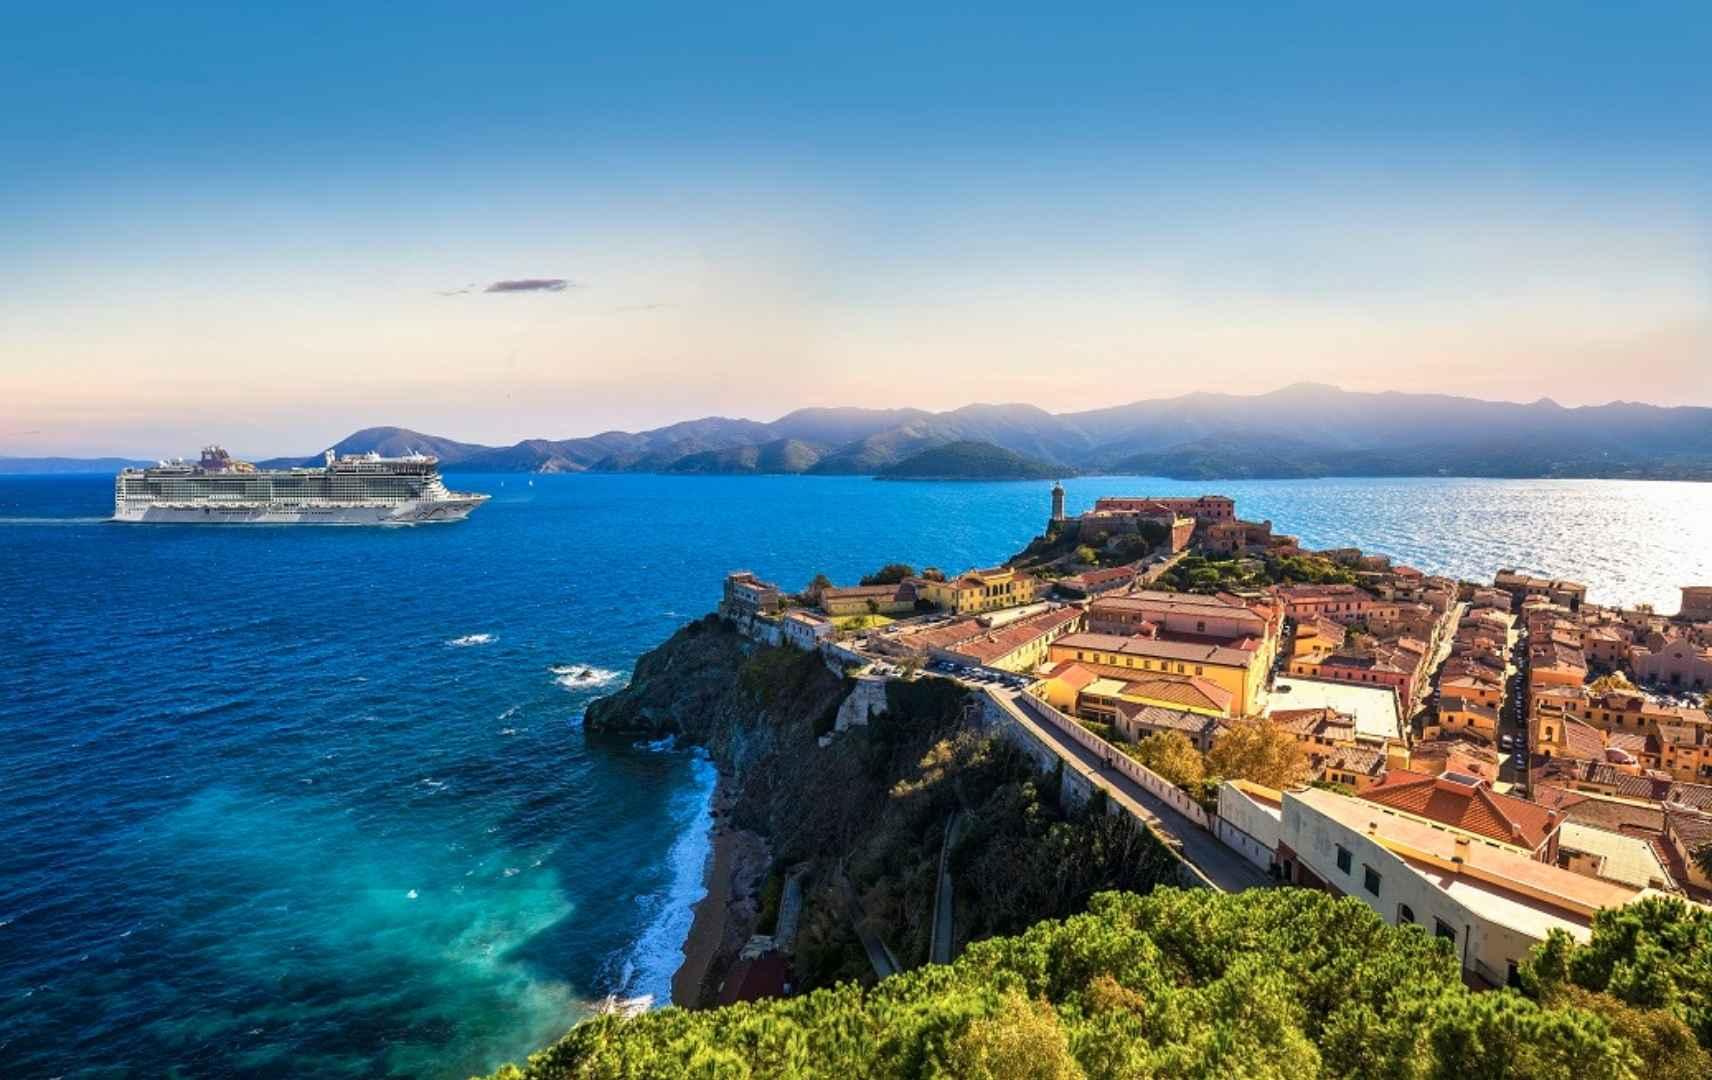 Westliches Mittelmeer ab Barcelona oder Rom (Civitavecchia)